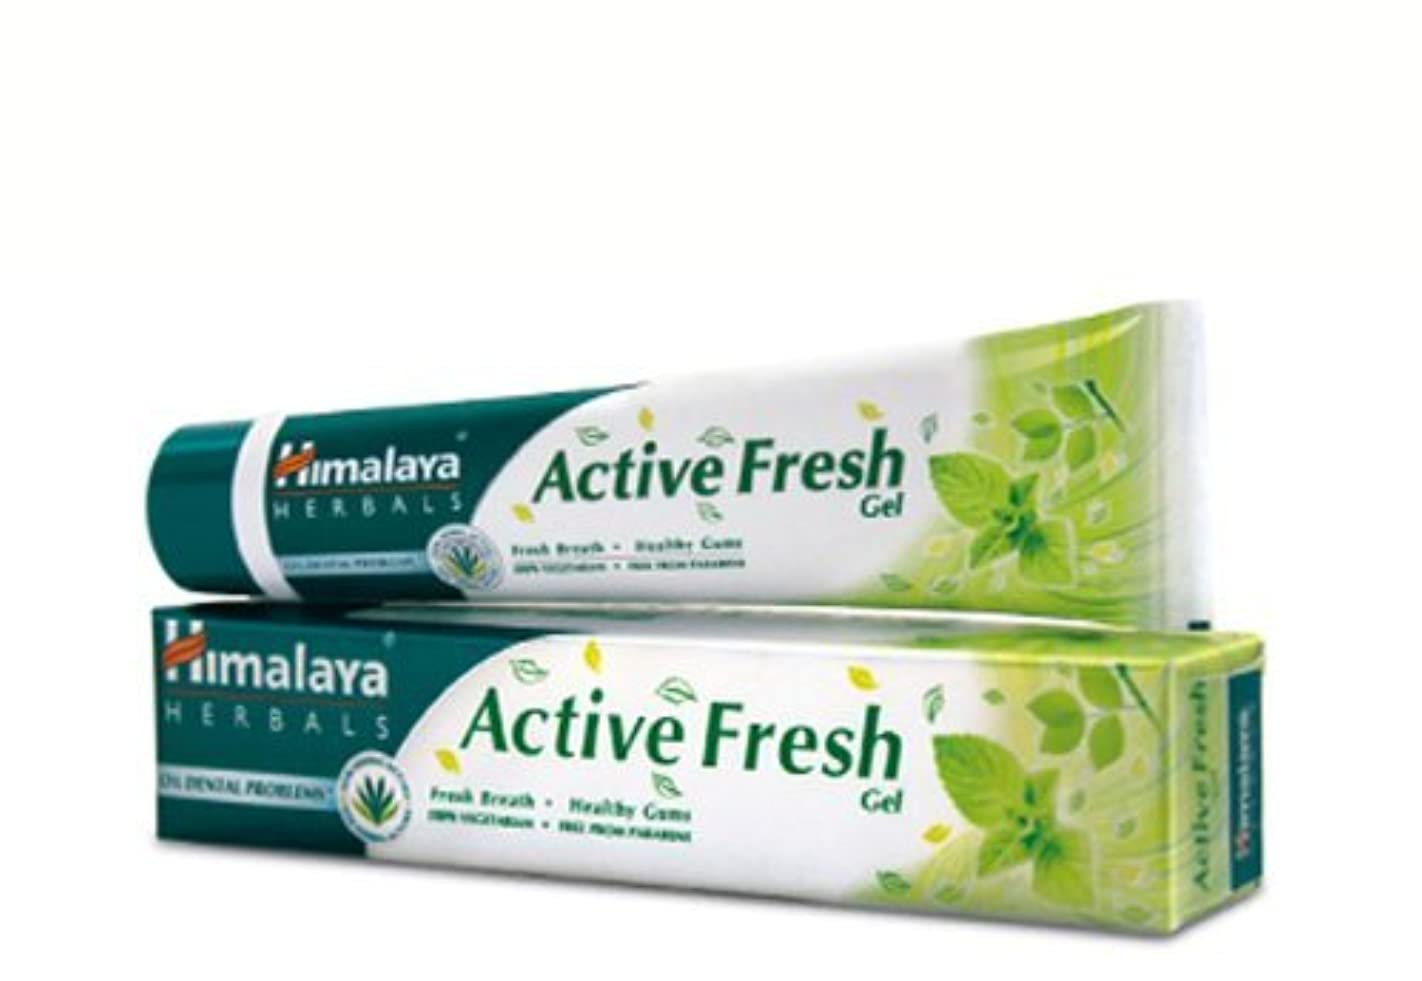 に慣れ材料ロッカーヒマラヤ トゥースペイスト アクティブ フレッシュ(歯磨き粉)80g Himalaya Active Fresh Toothpaste